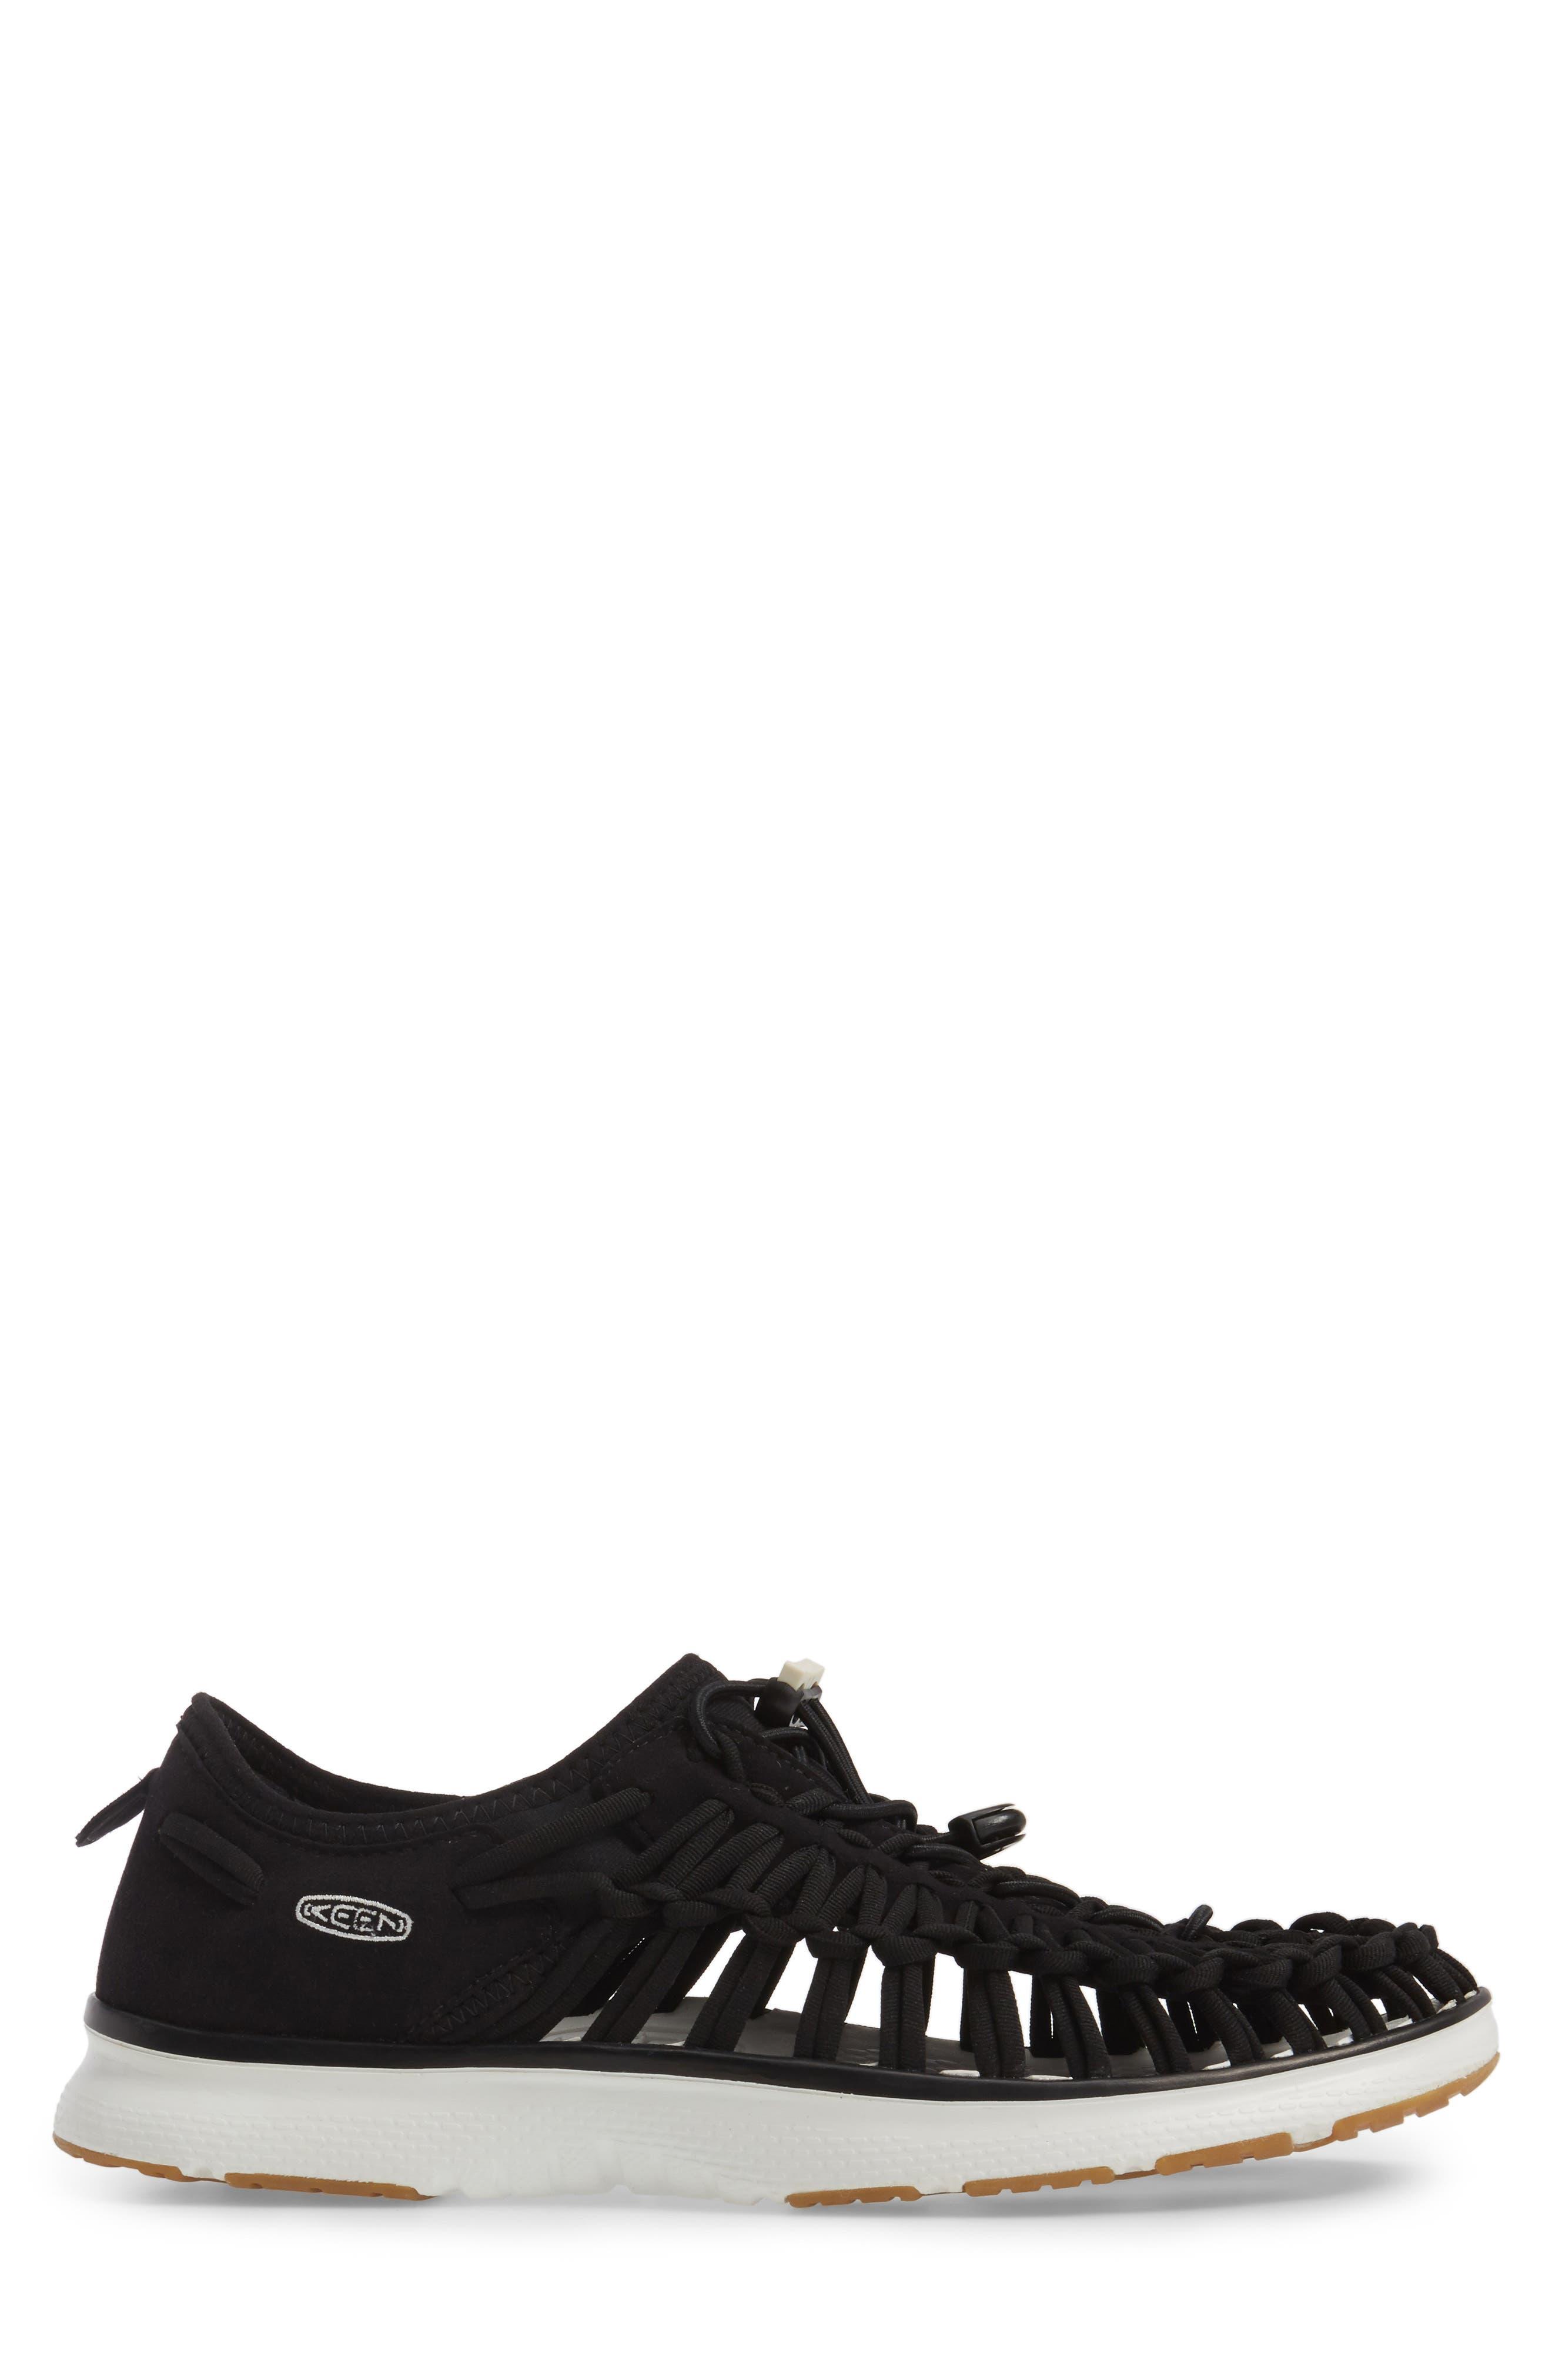 Alternate Image 3  - Keen Uneek O2 Water Sneaker (Men)